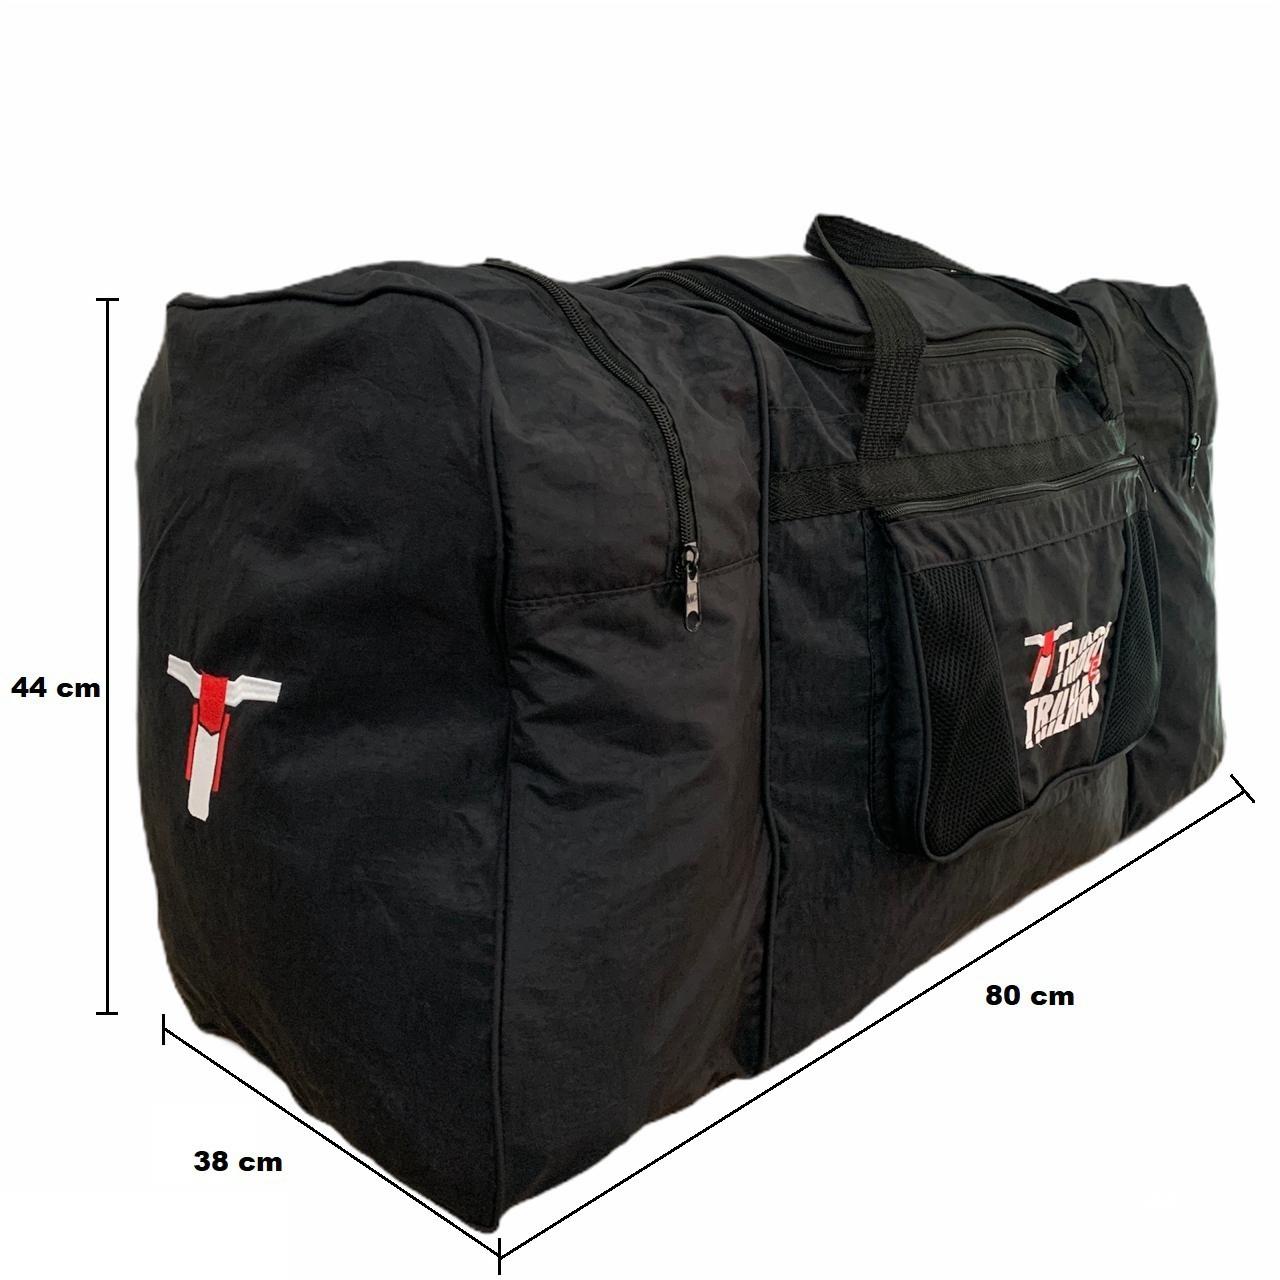 Kit Bolsa de Equipamento + Hidratação Tribos e Trilhas